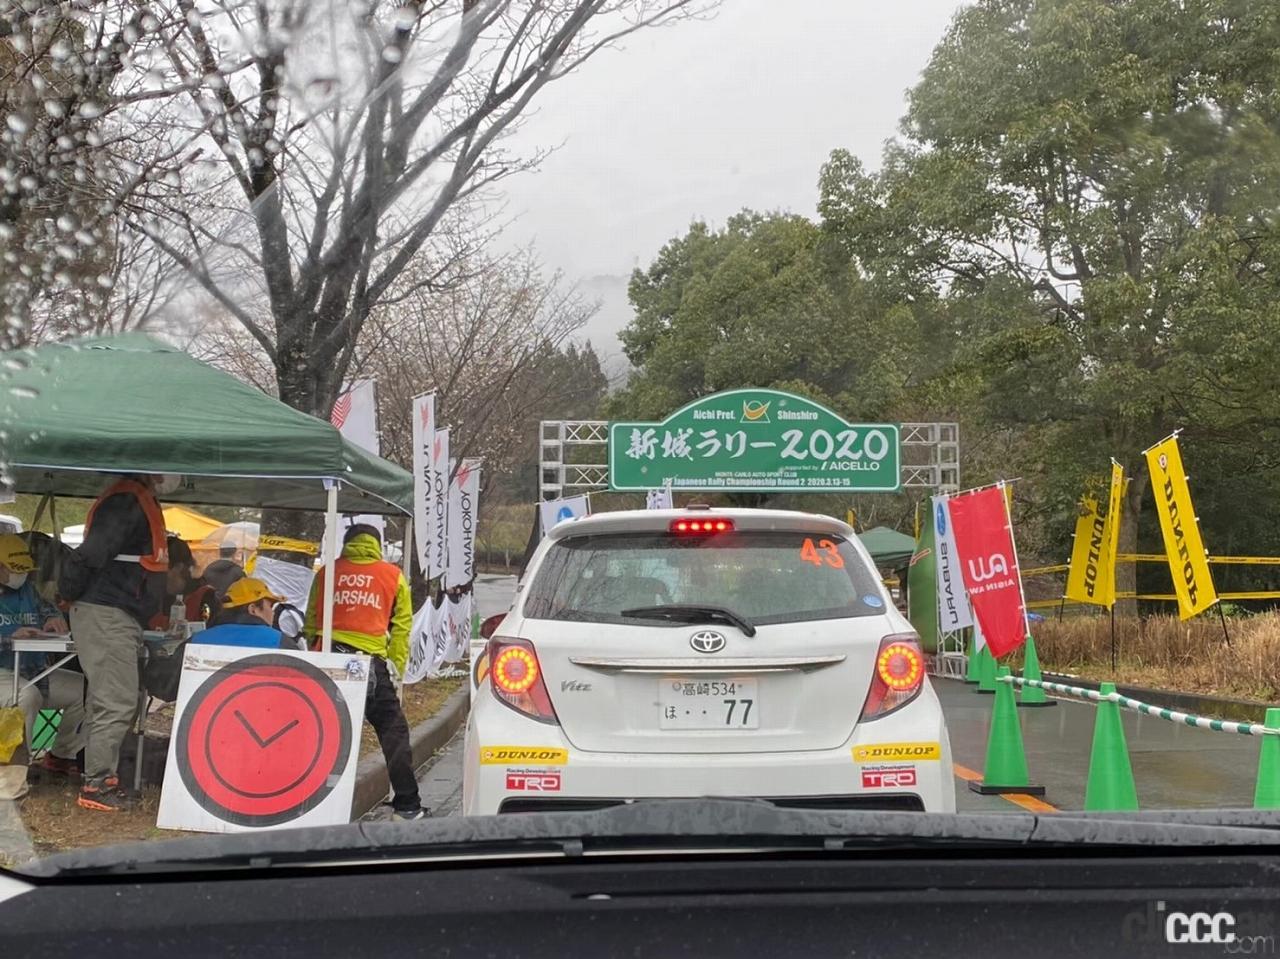 「2021年も新城ラリーから始まる全日本ラリー選手権、ラリージャパンも参戦します!【☆うめまど通信vol.29】」の5枚目の画像